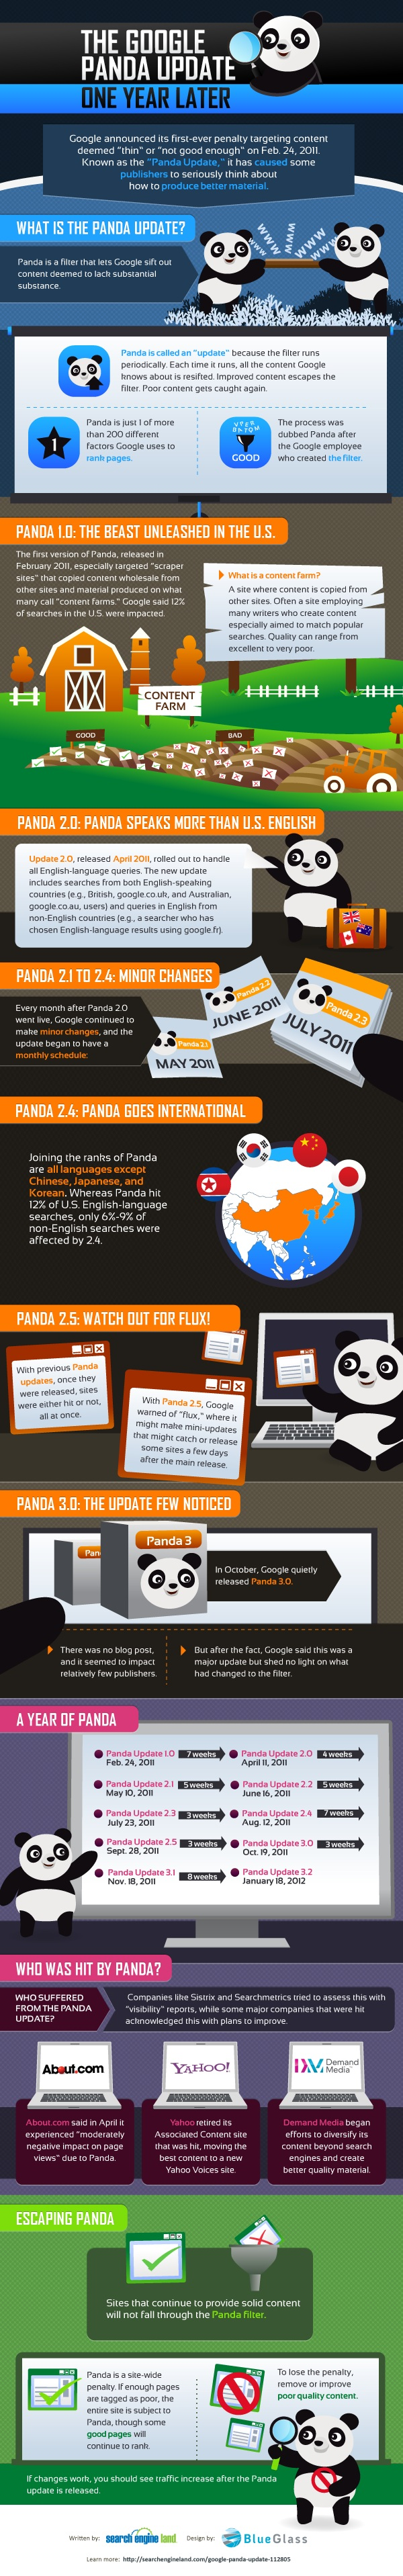 Informations complémentaires sur Google Panda